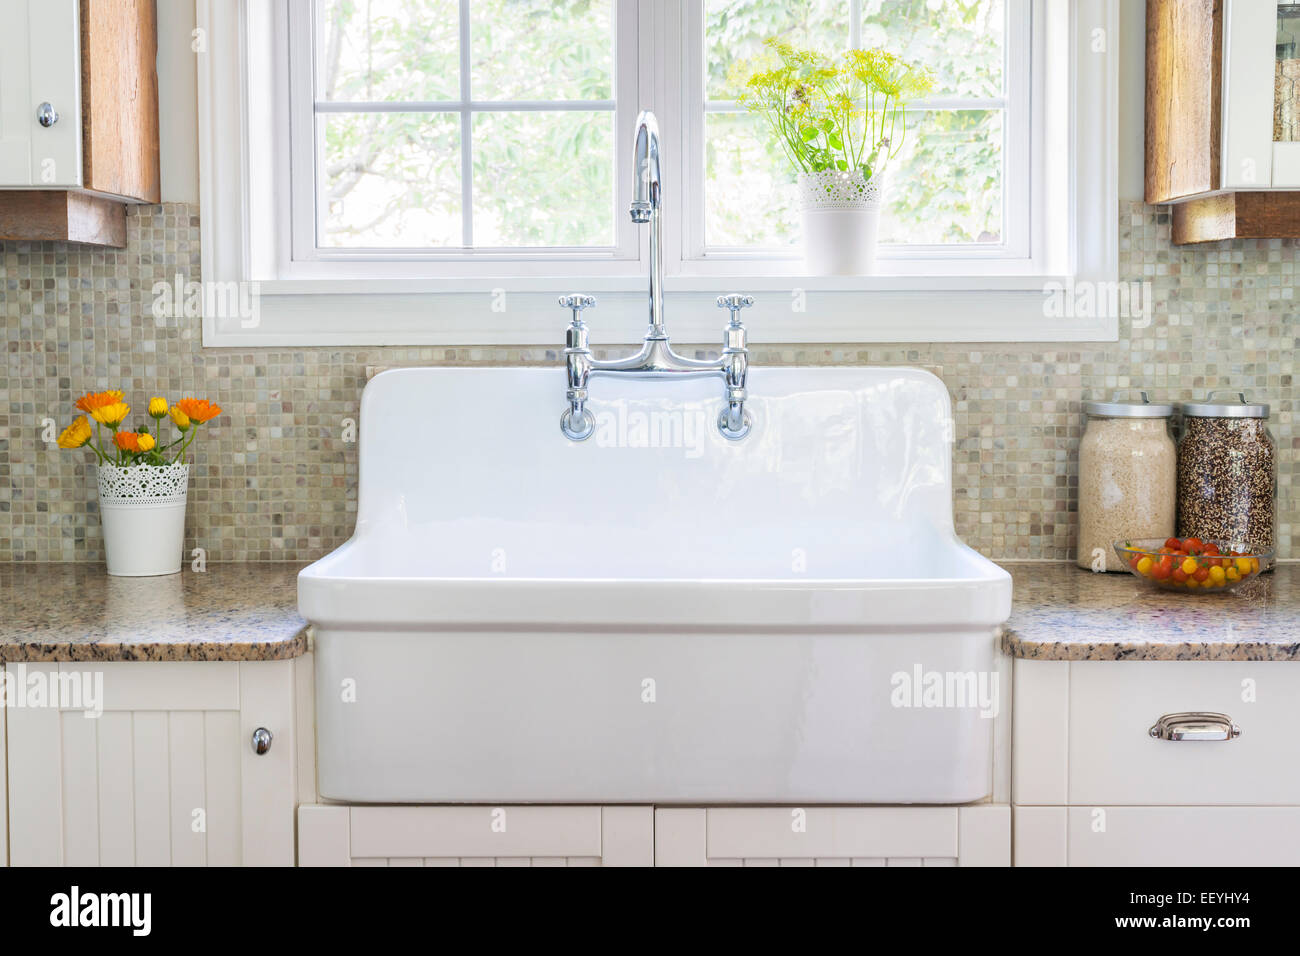 Lavello Cucina In Porcellana cucina con interni in stile rustico di grandi dimensioni di